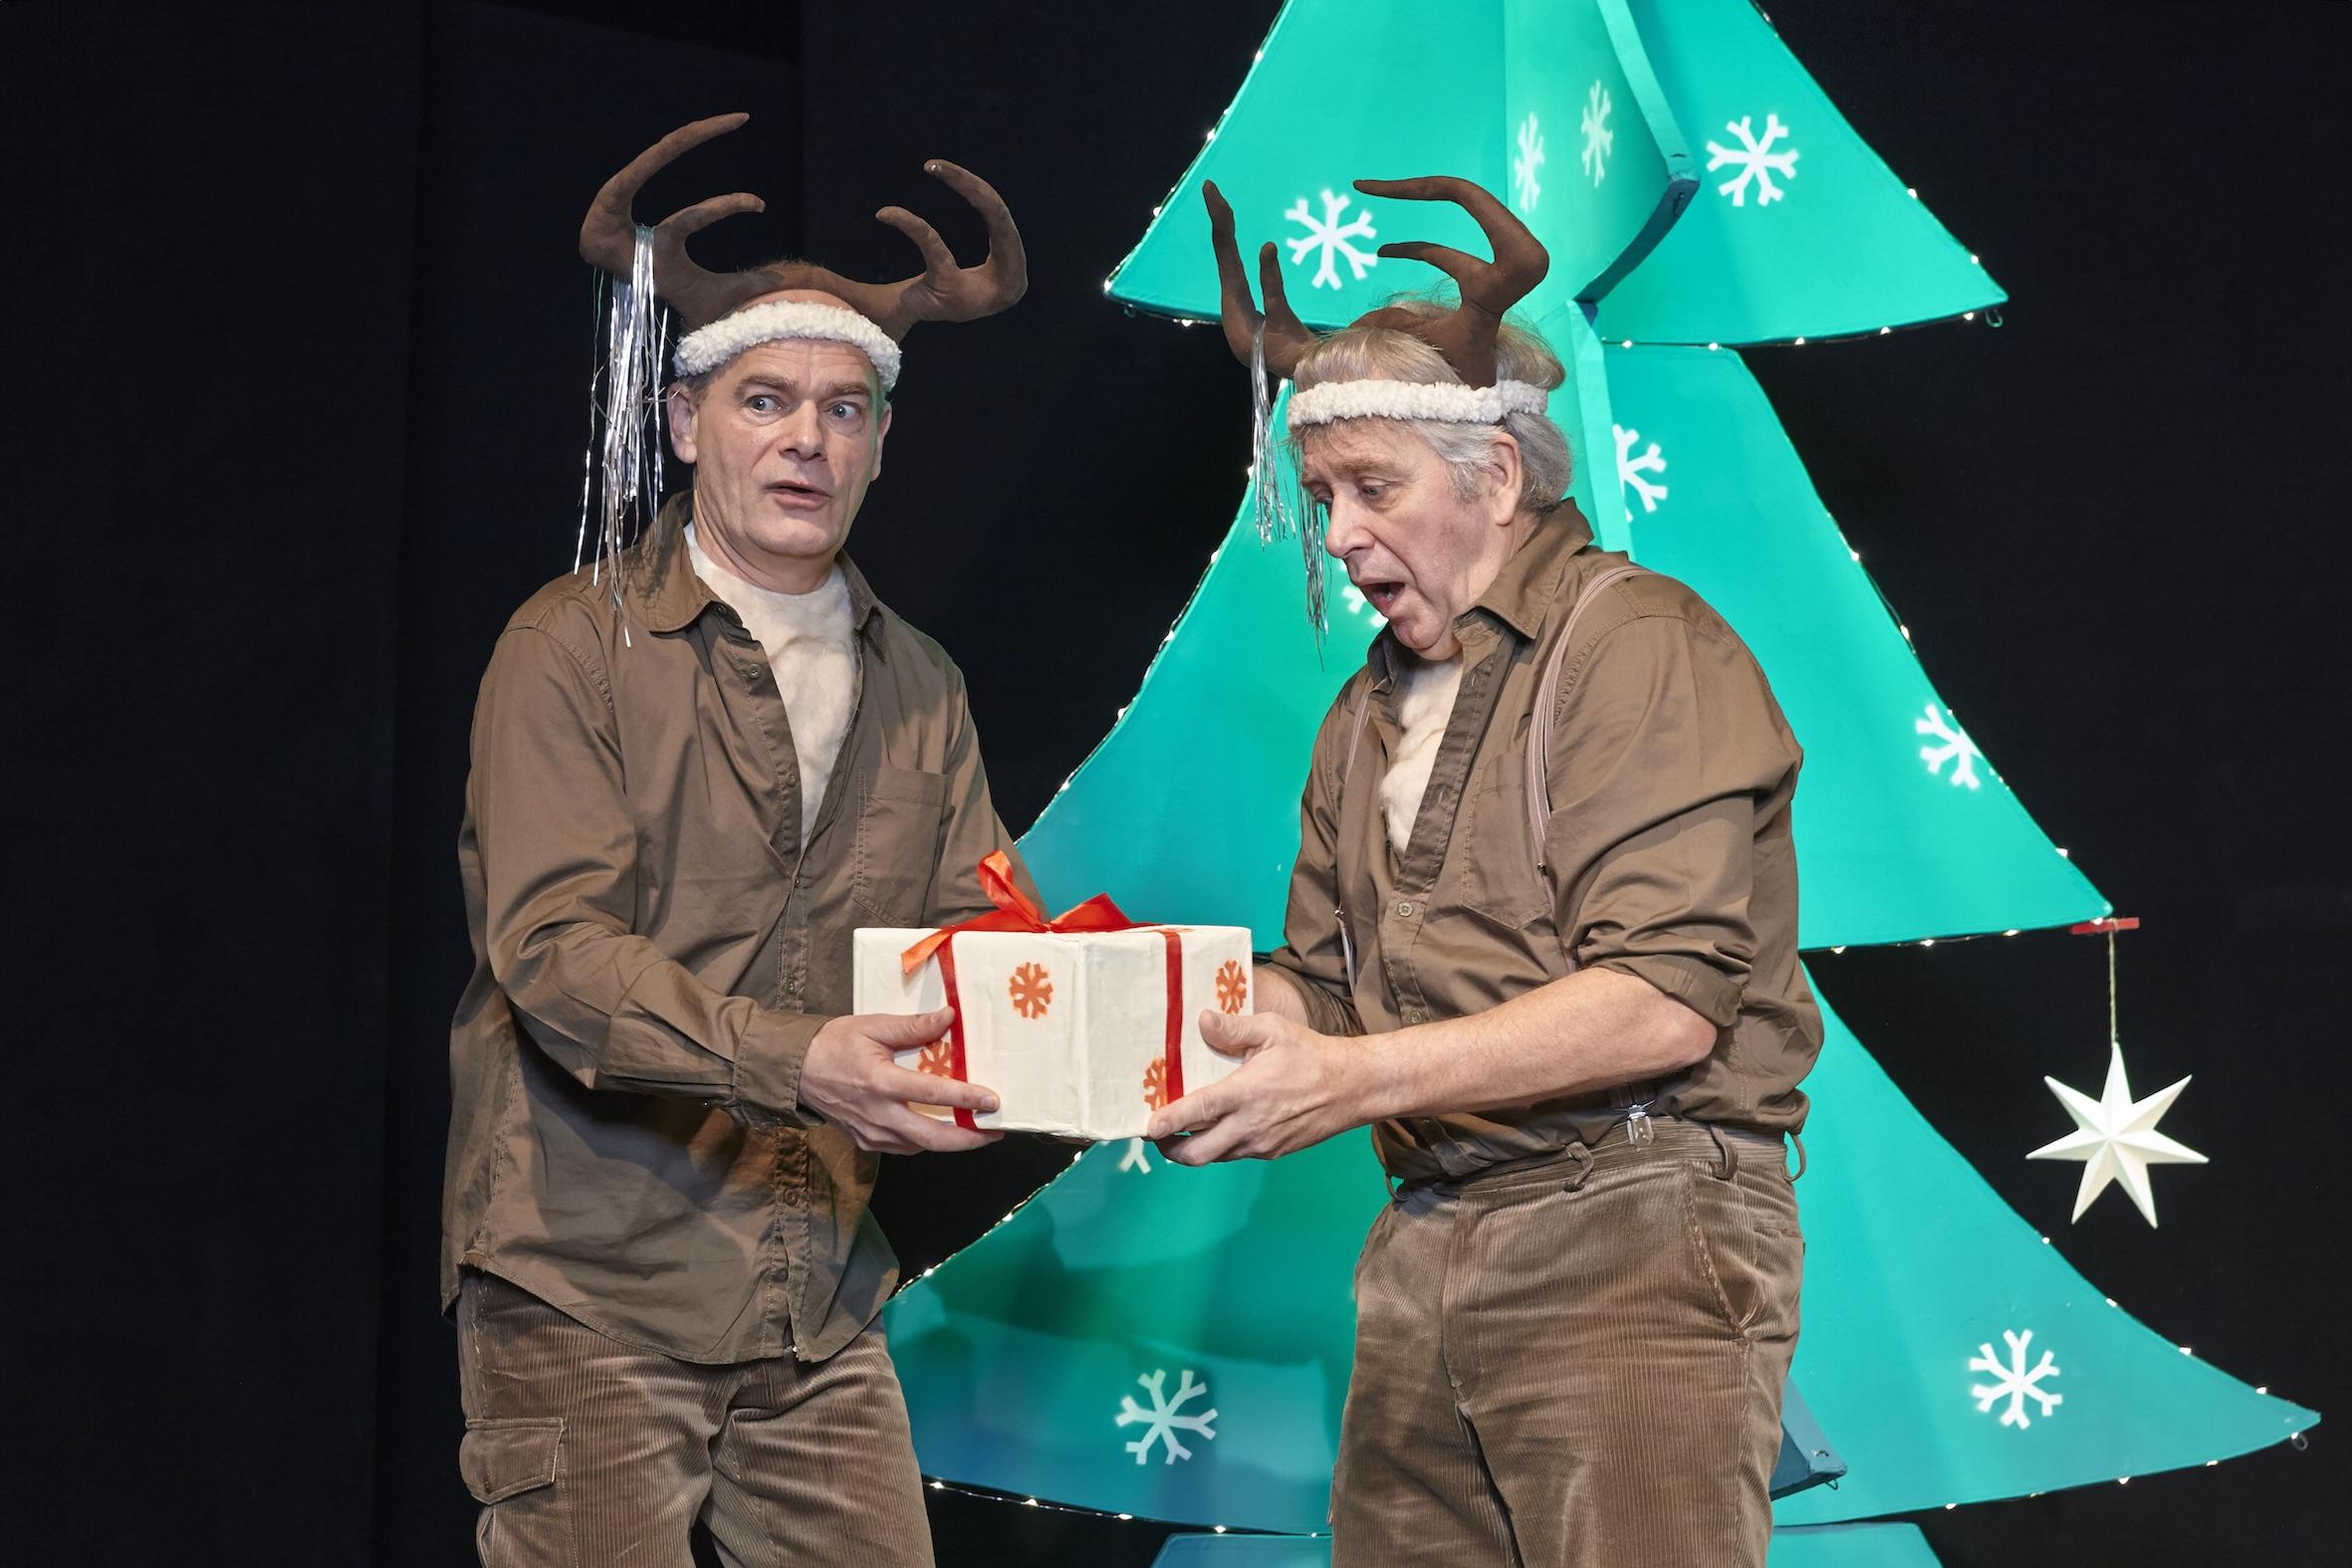 Uwe Schade und Peter Markhoff halten ein Weihnachtsgeschenk